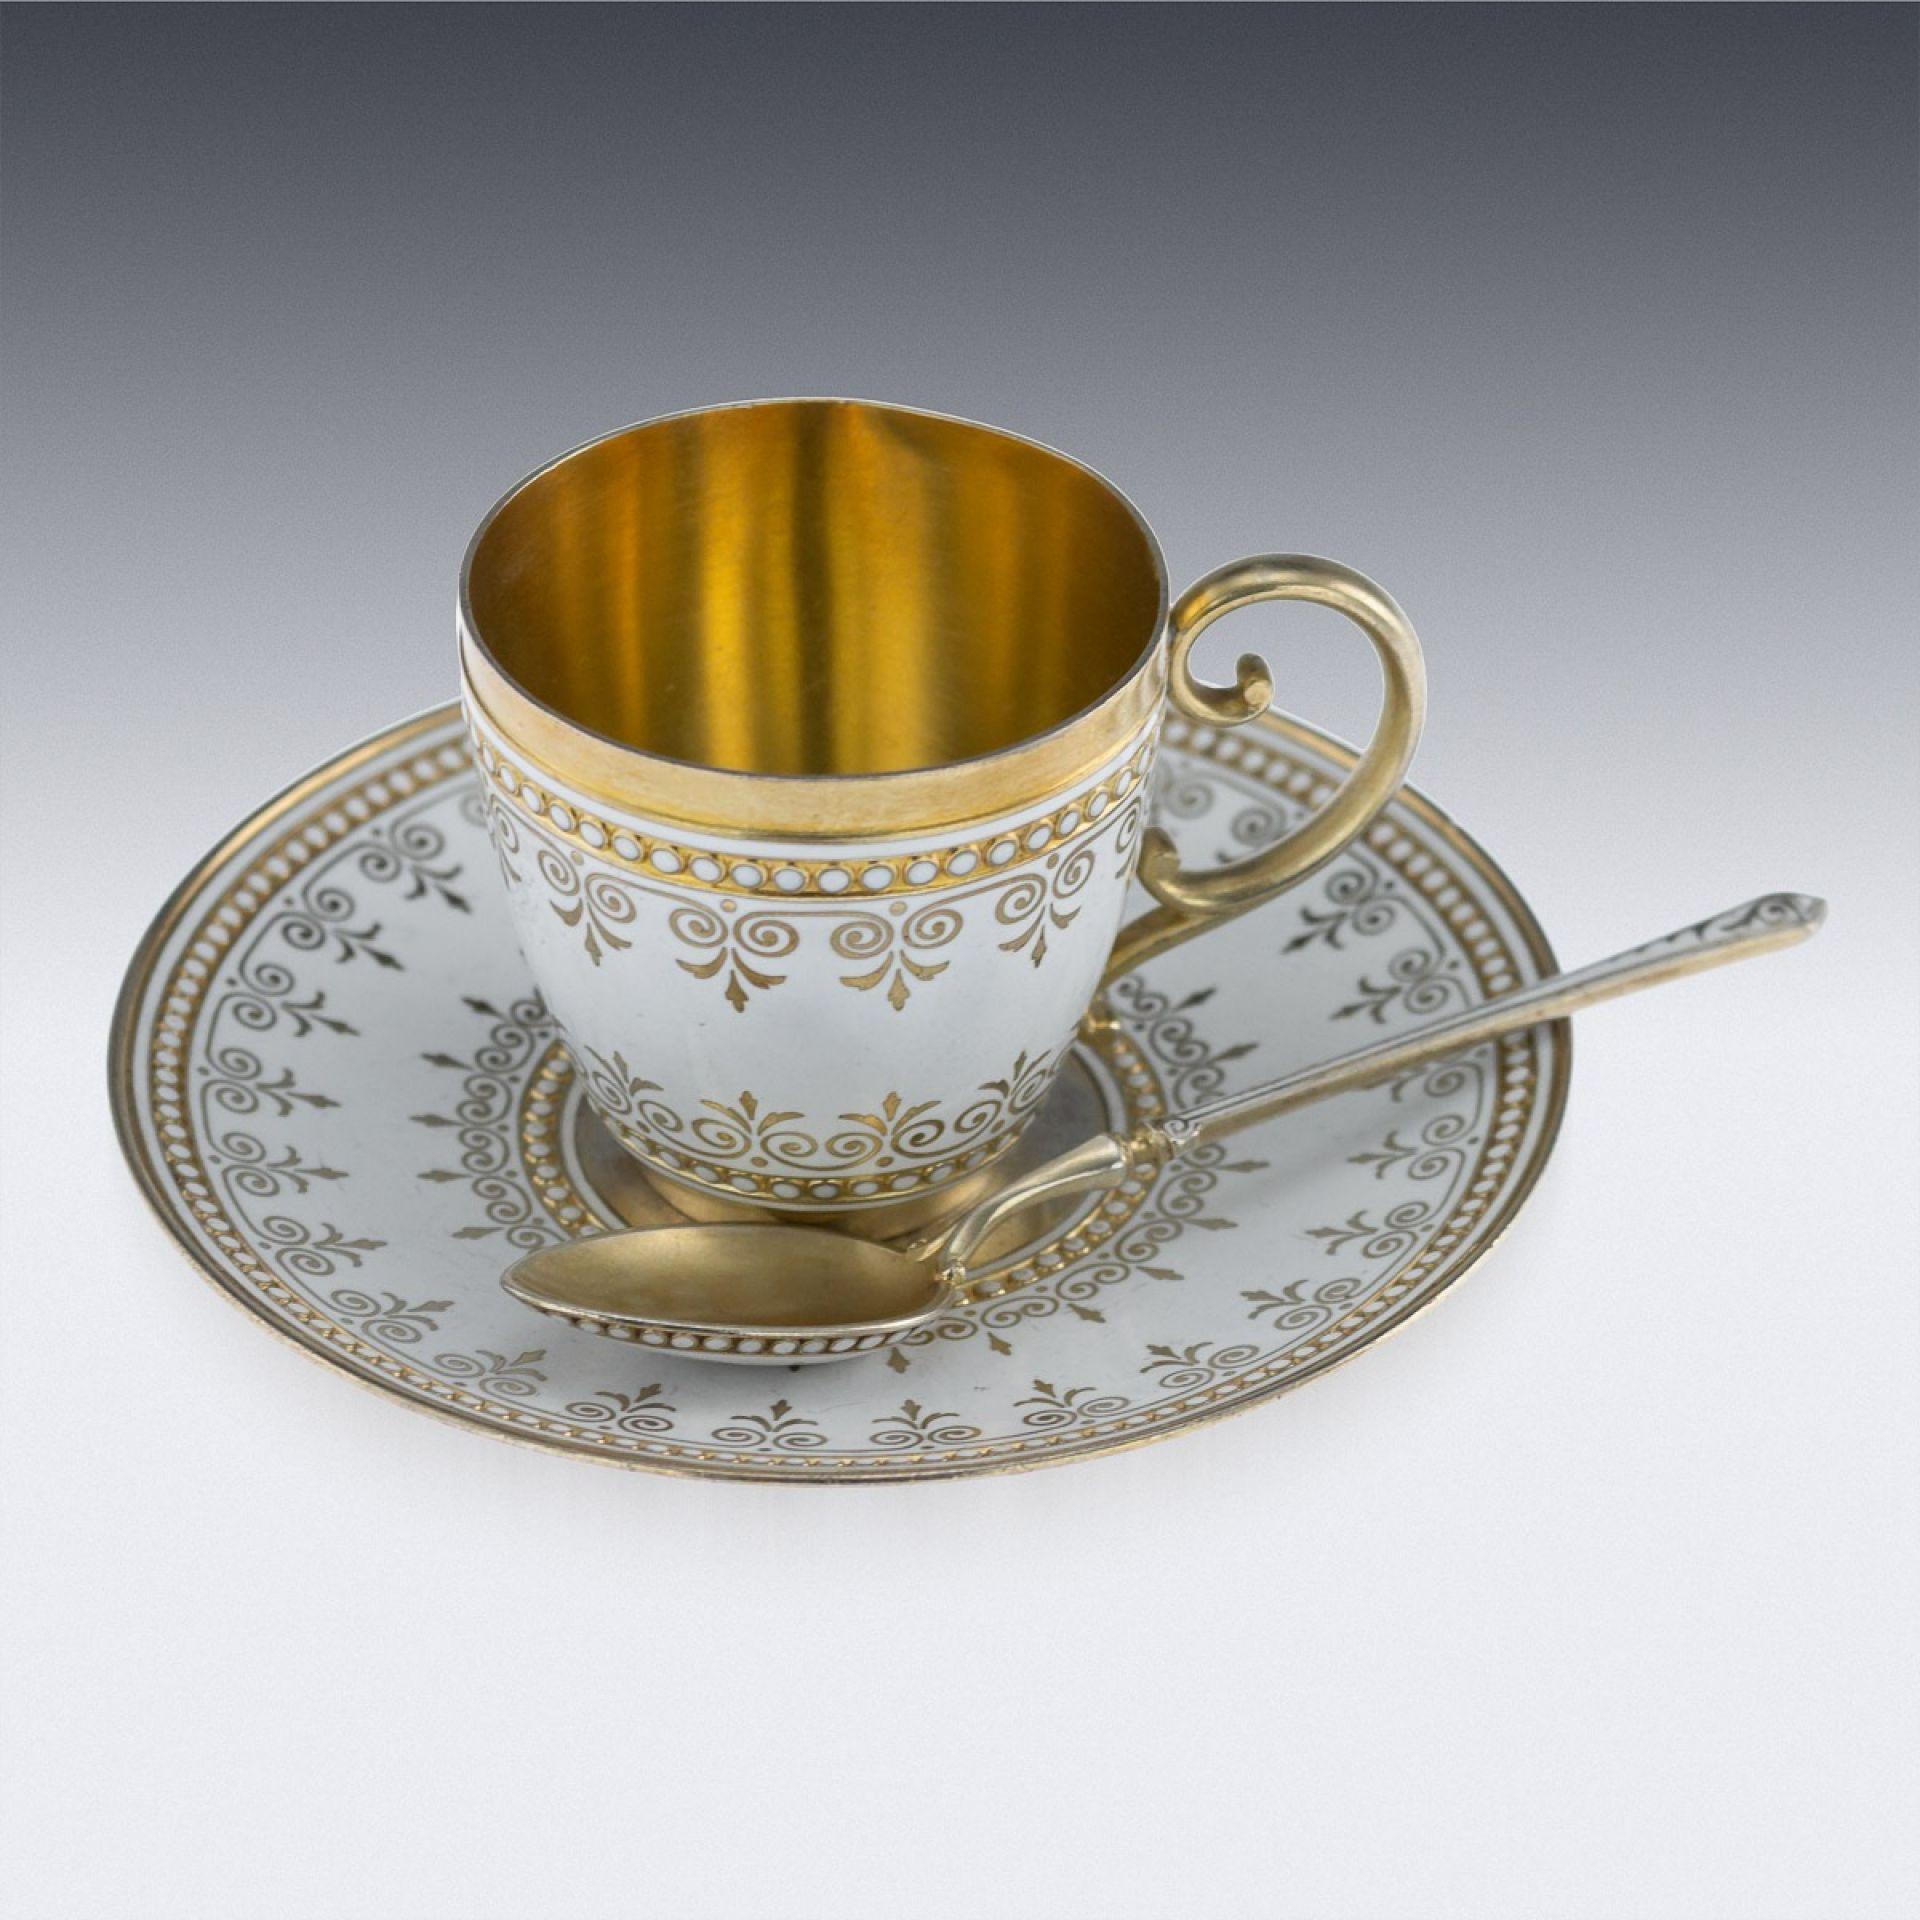 ANTIQUE 19THC NORWEGIAN SILVER & ENAMEL TEA SERVICE, DAVID ANDERSEN C.1890